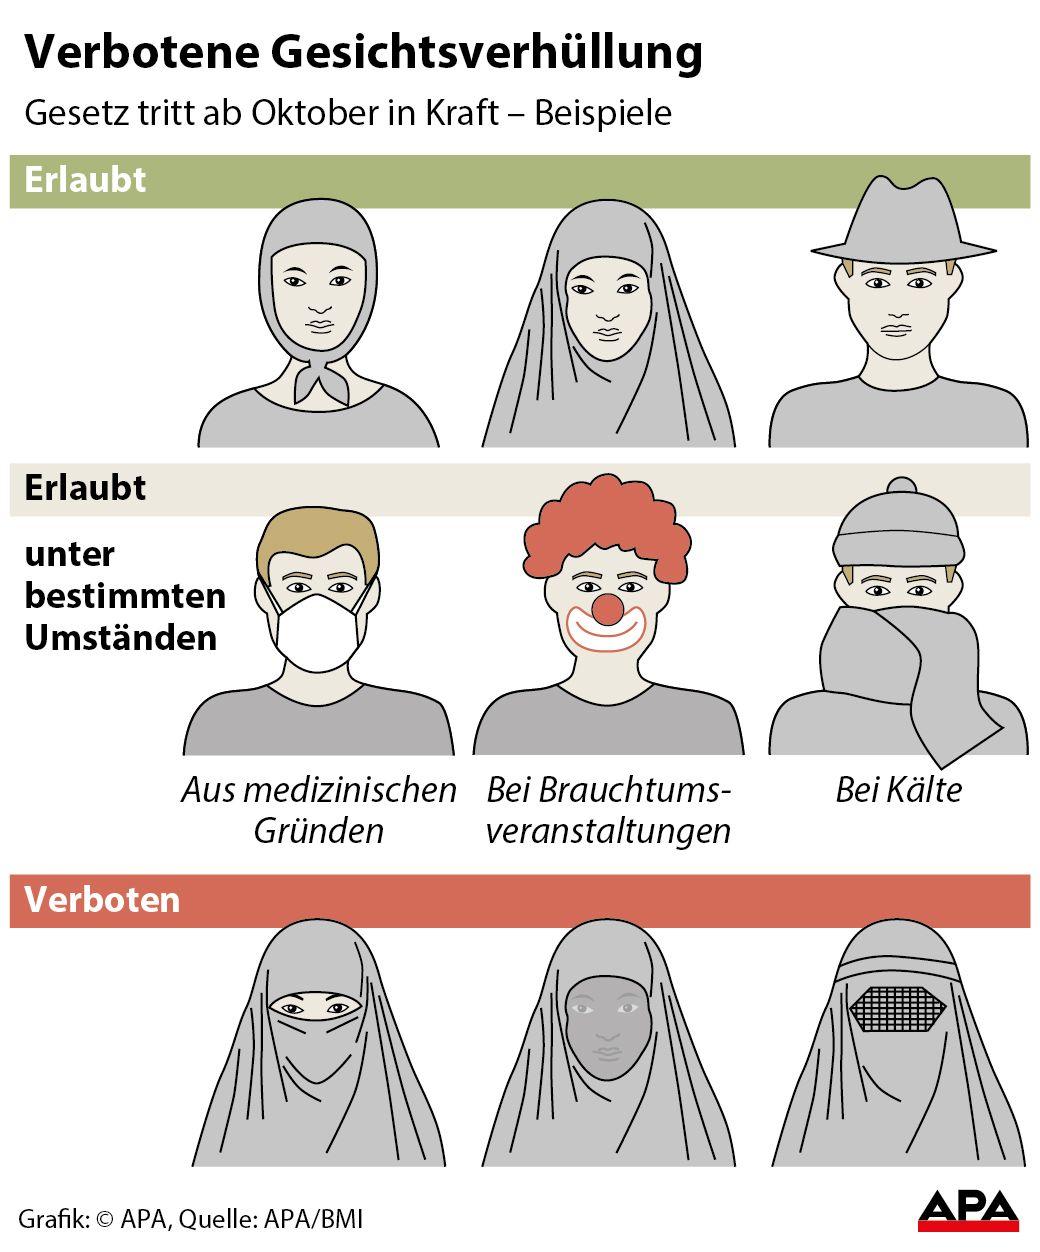 österreich Verhüllungsverbot